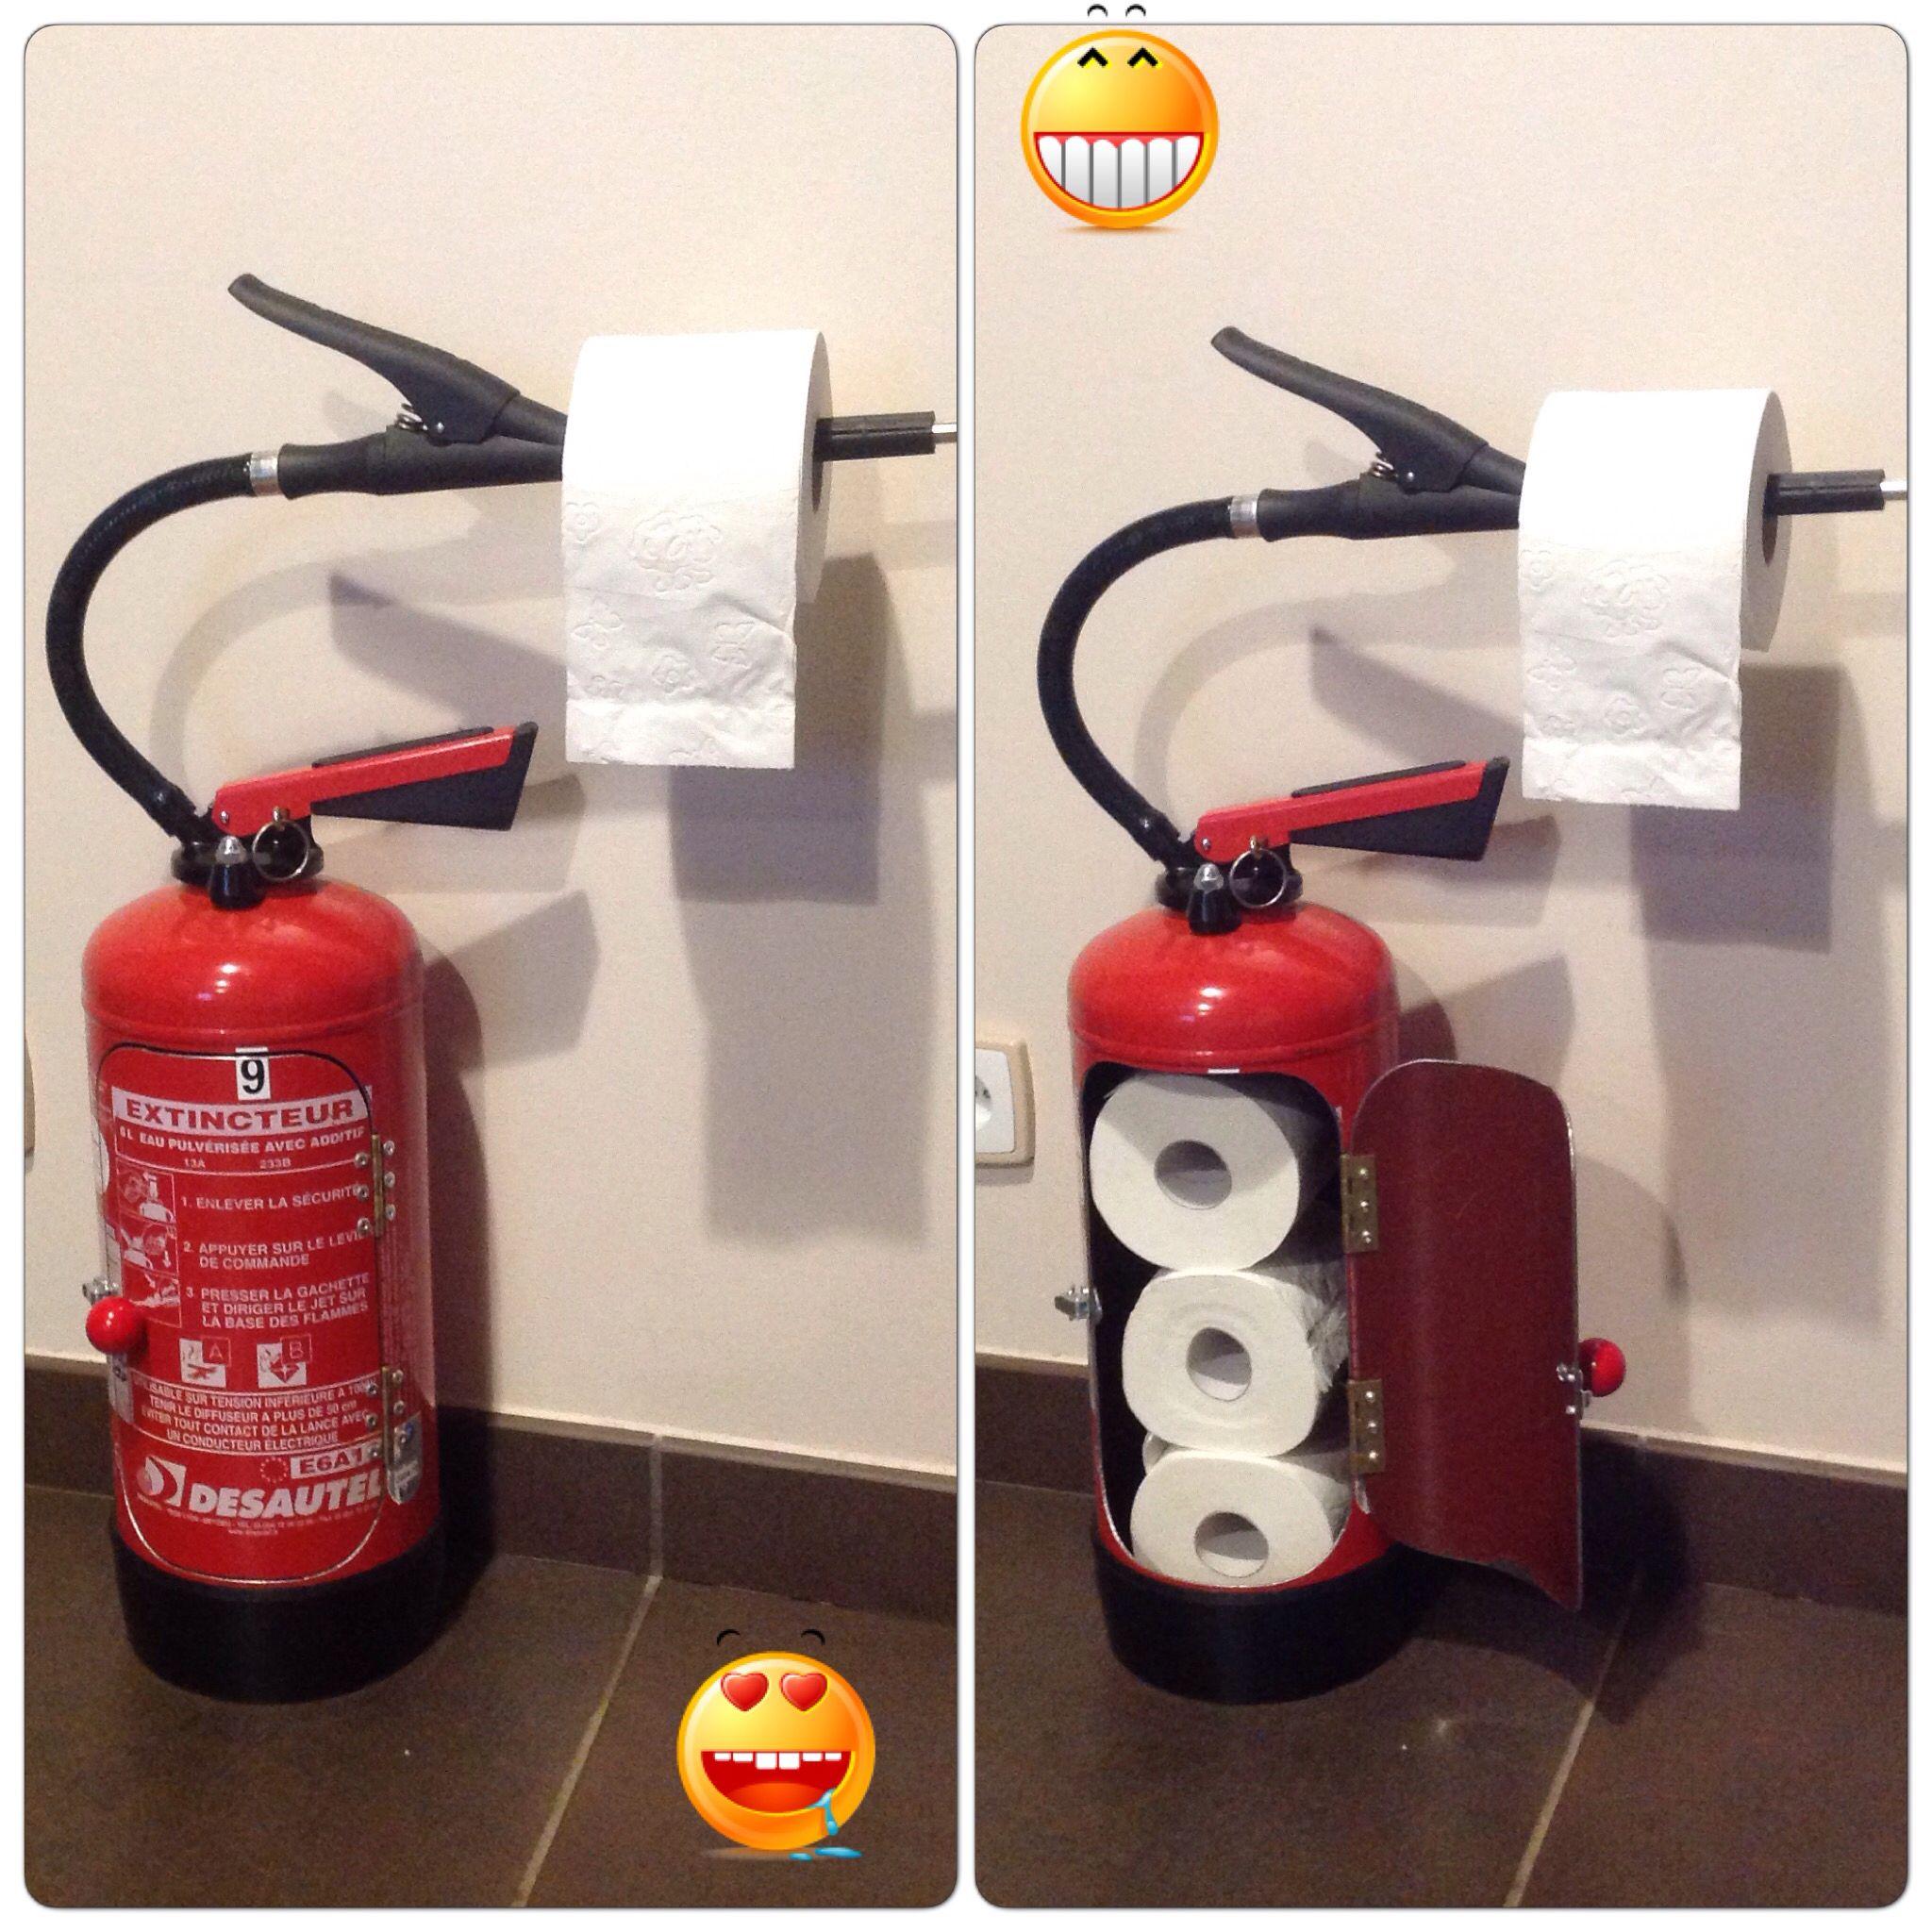 Dérouleur Papier Wc Metal dérouleur papier toilettes avec un extincteur | extincteur